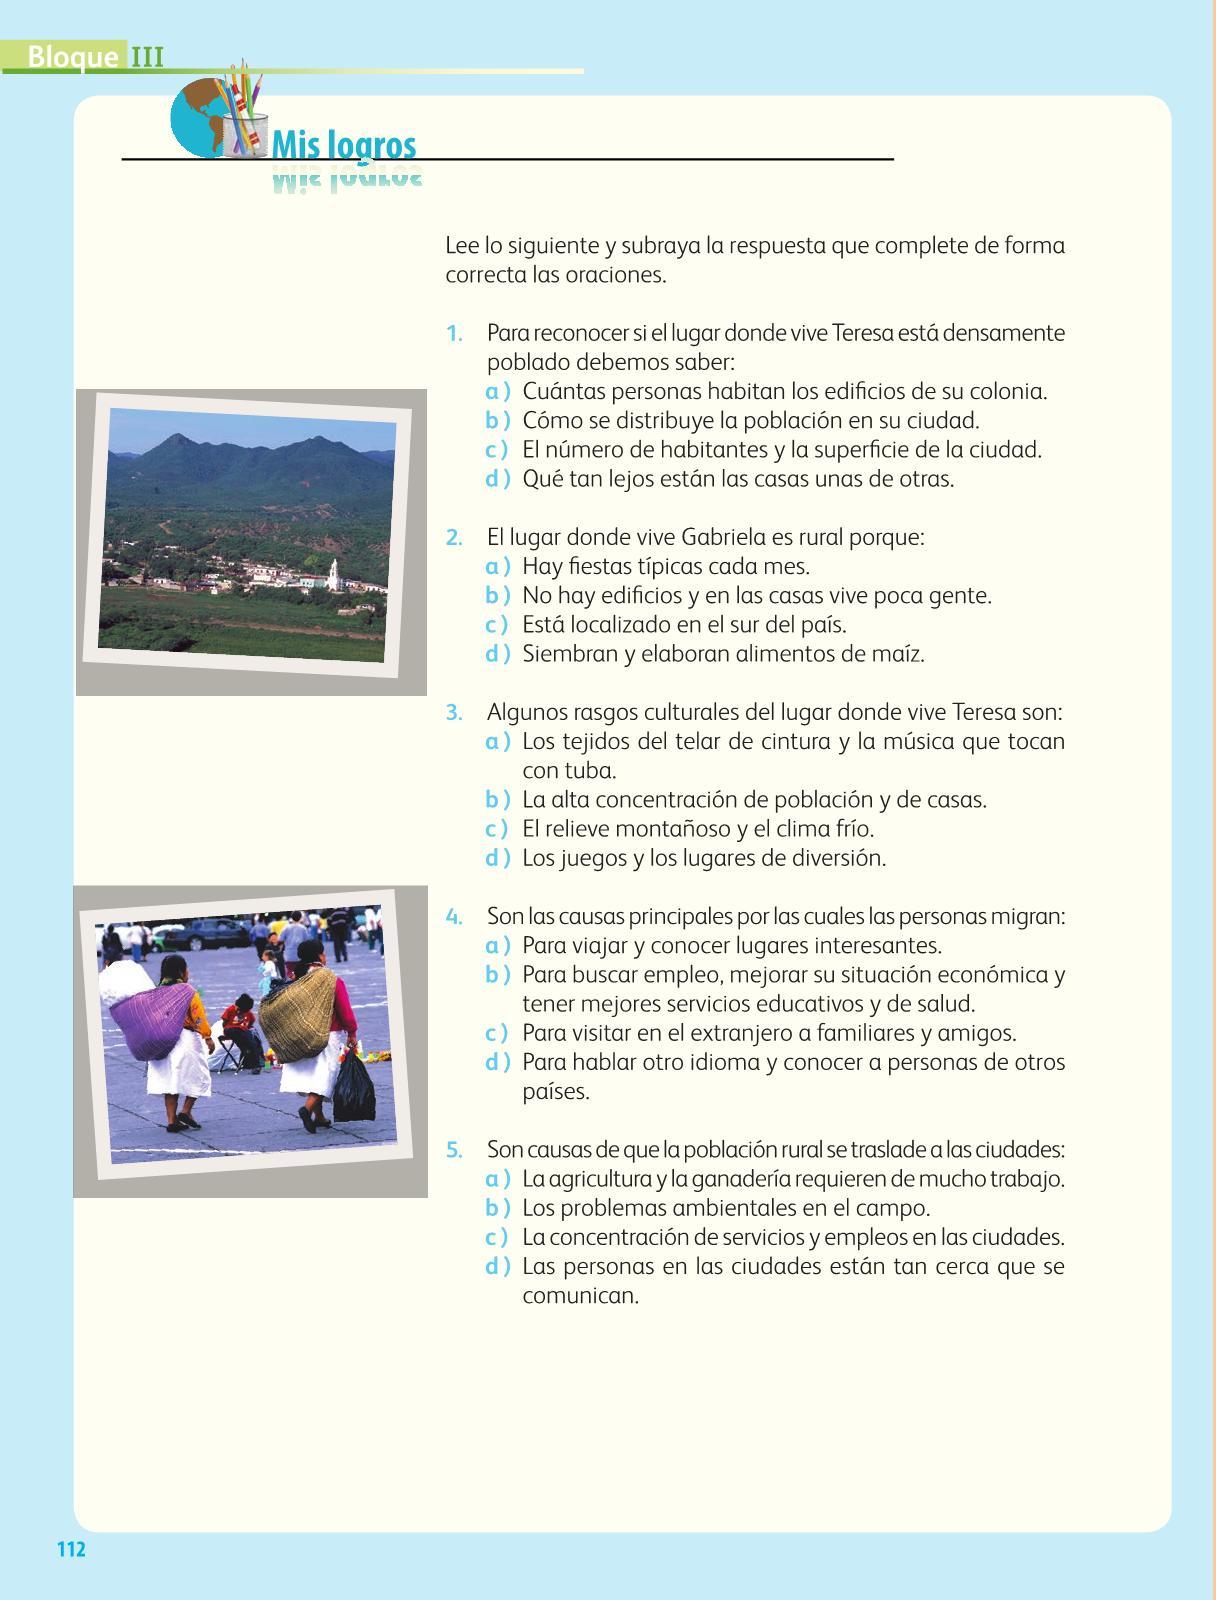 Geografía Cuarto grado 2016-2017 - Online - Página 112 de